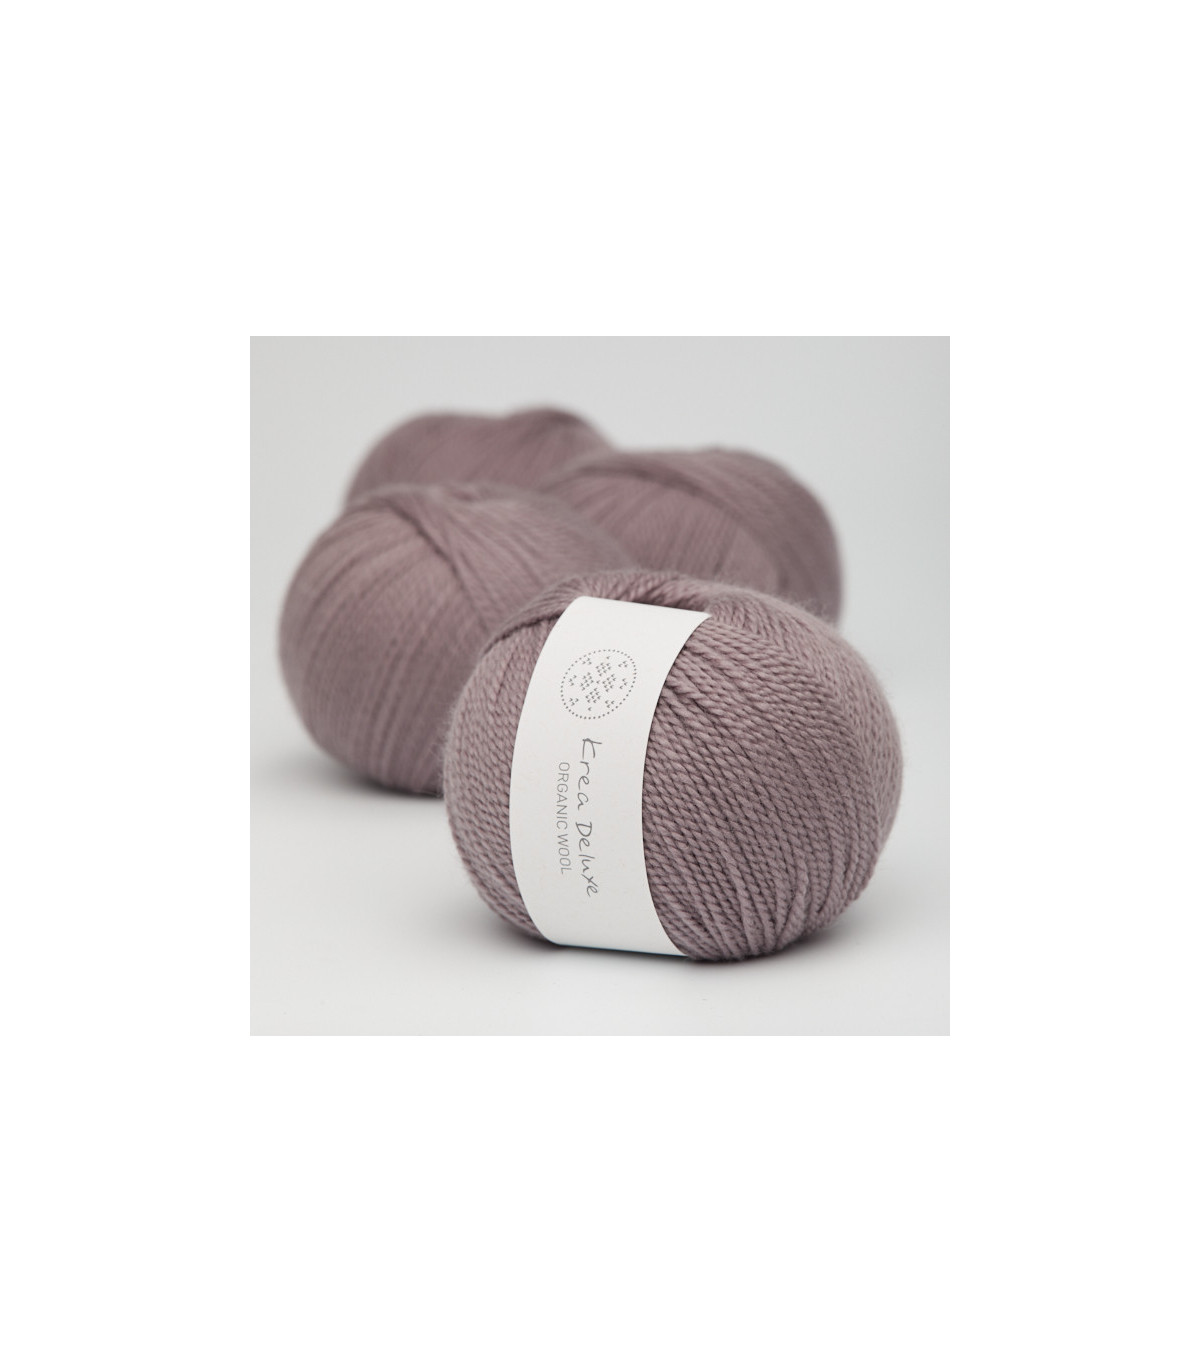 Wool 1 (Neu) - Krea Deluxe in der Farbe W 44 Schmutziges Lavendel